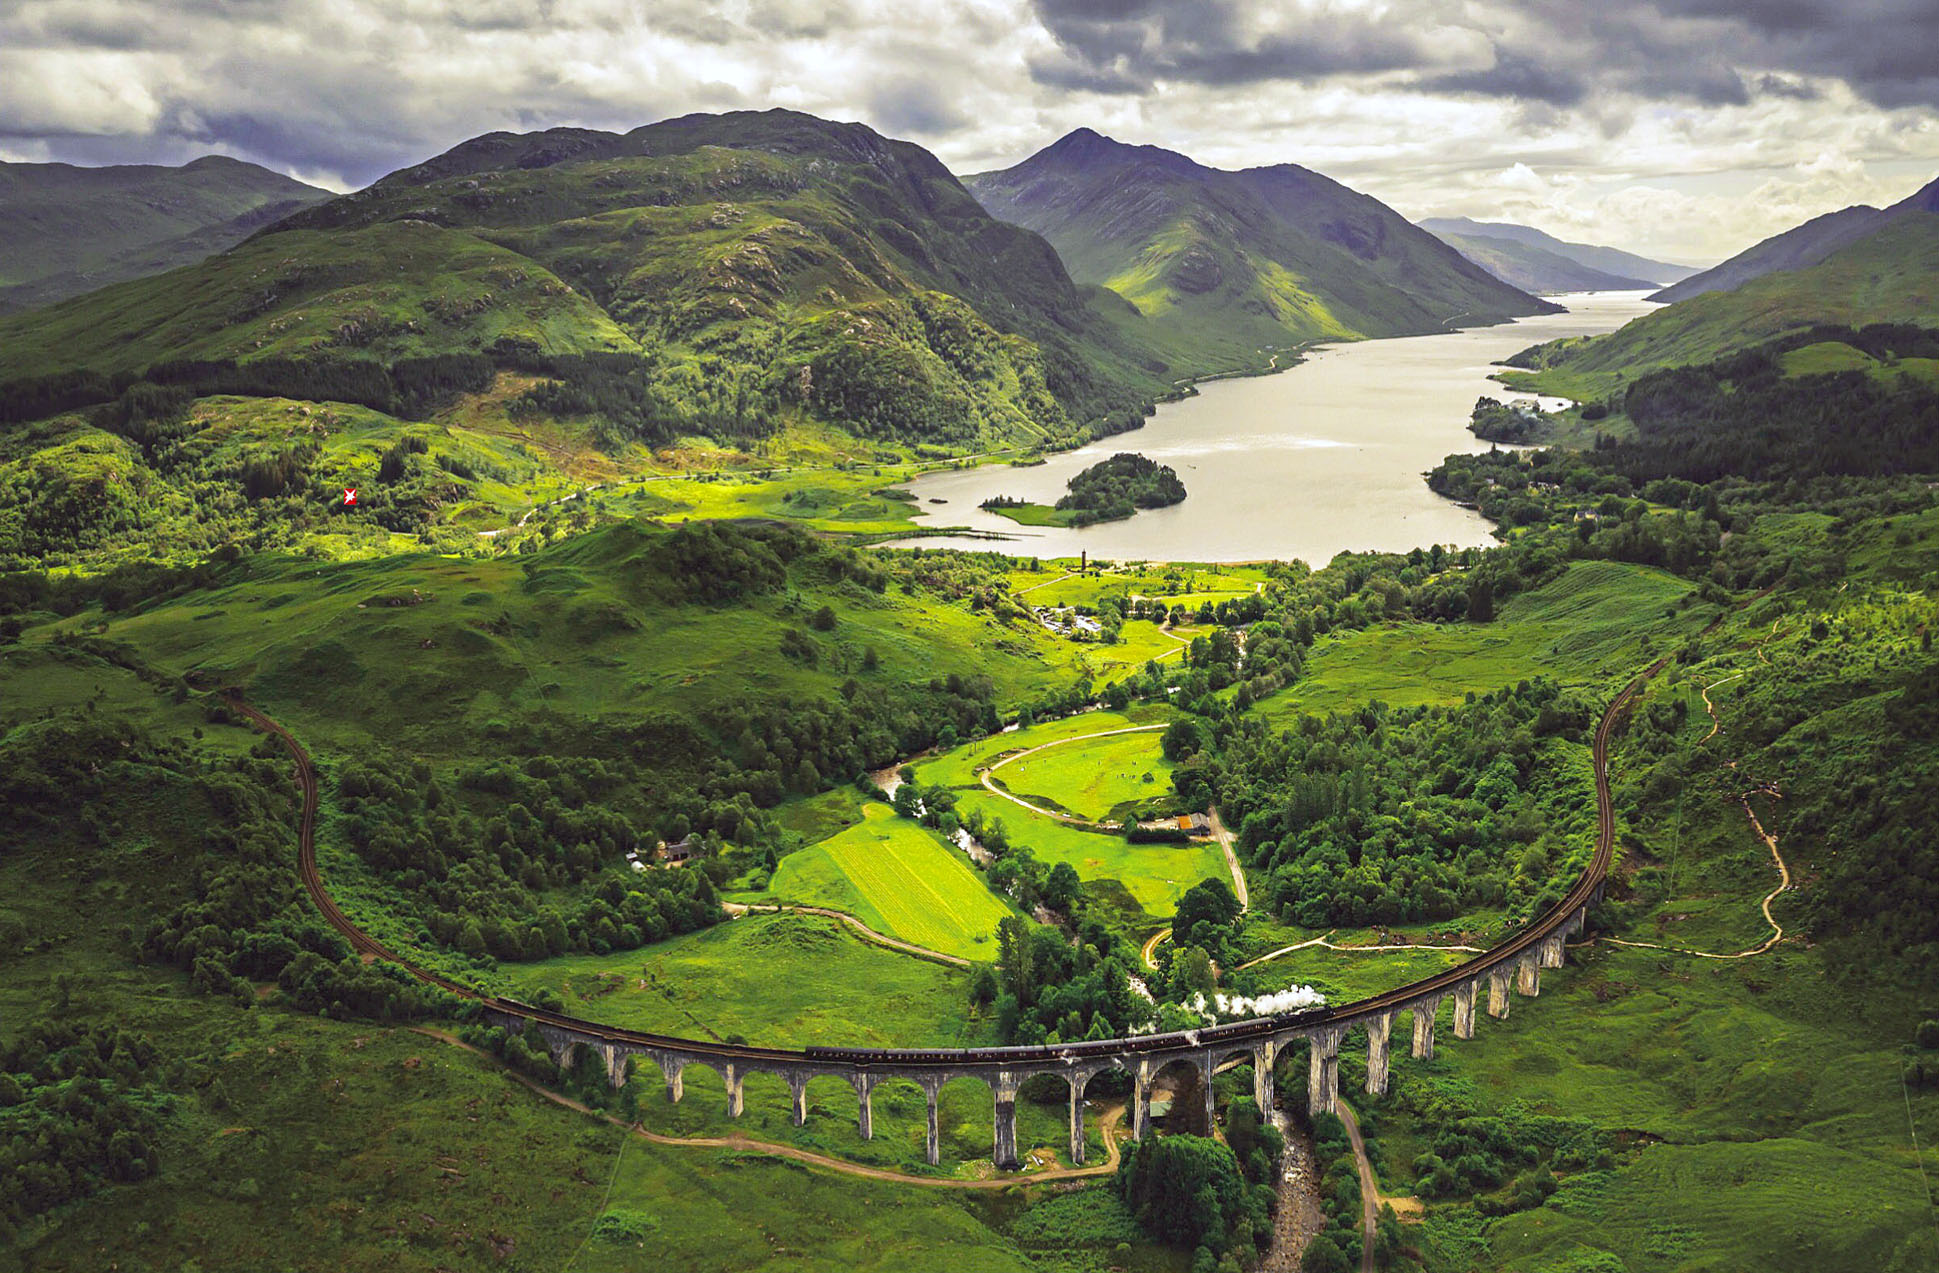 Glenfinnan Viaduct, Loch Shiel, Scotland by Neal Barr.jpg